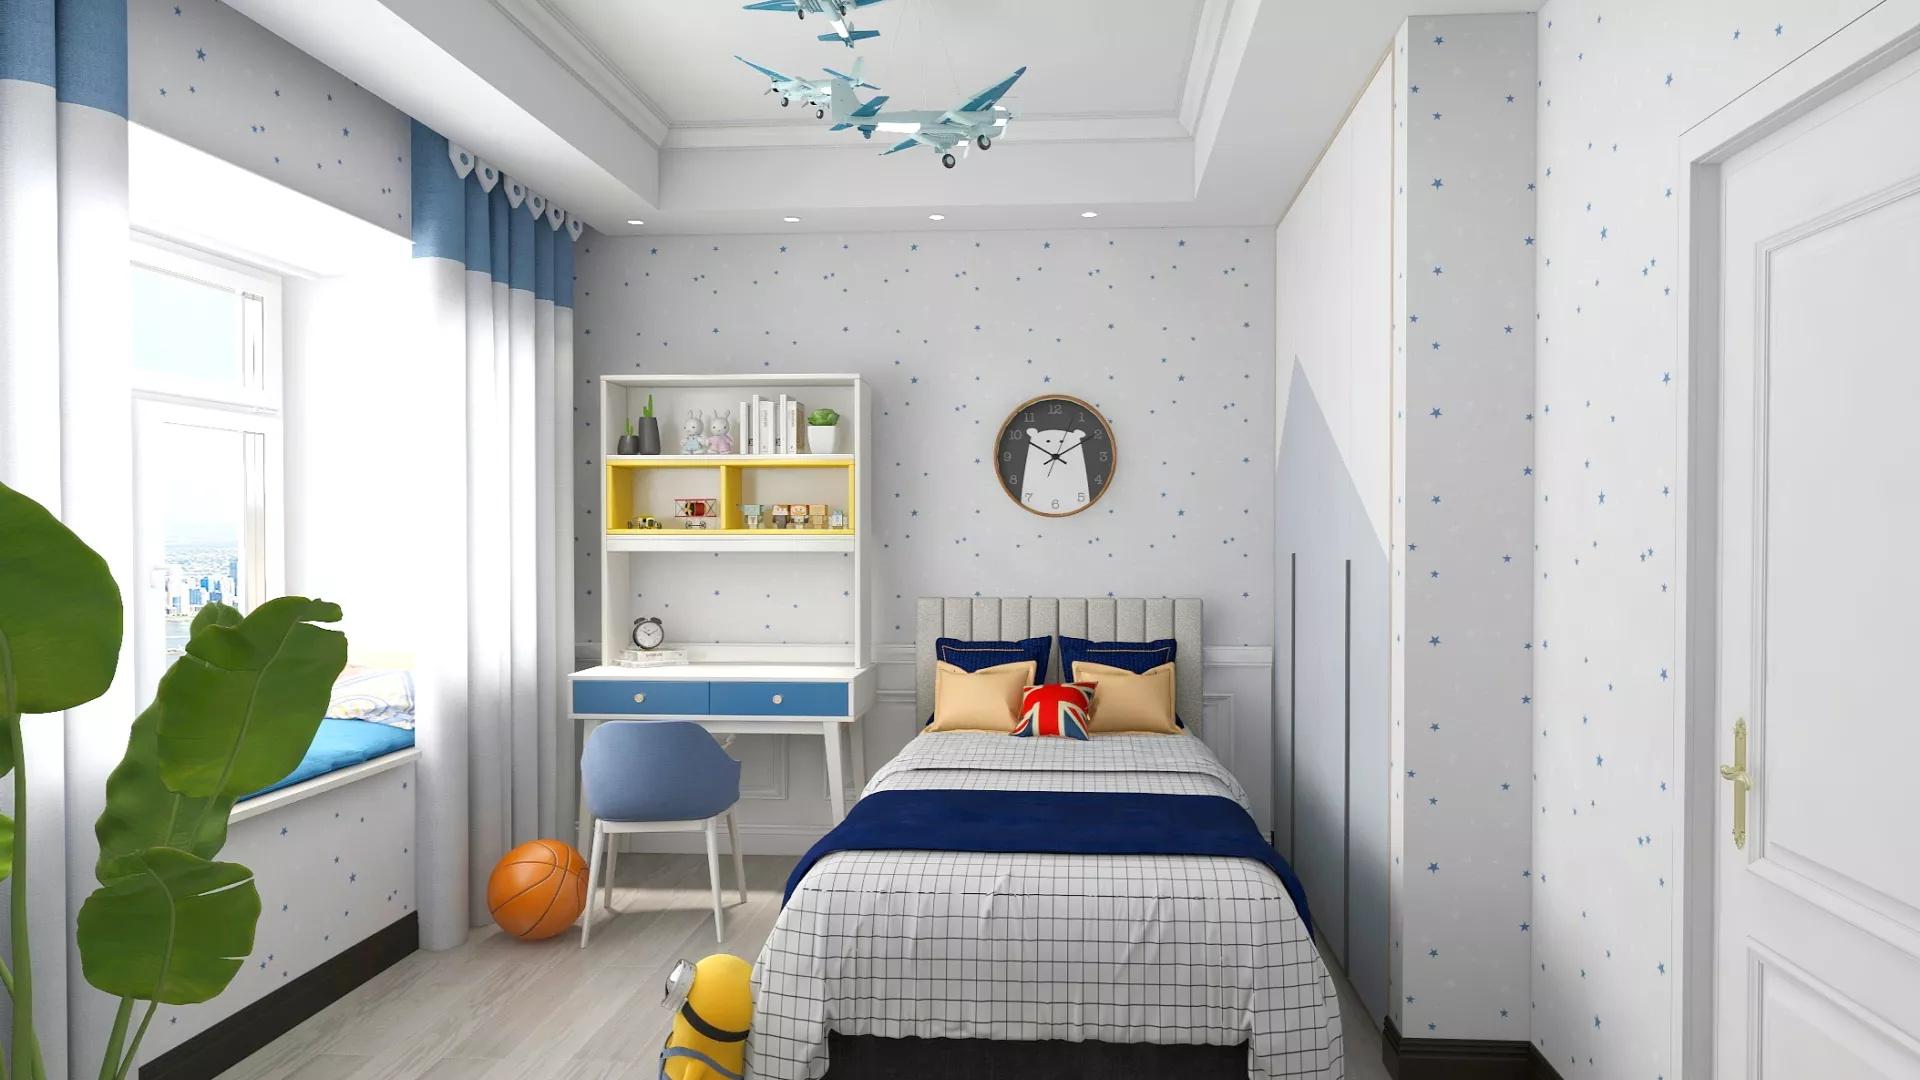 新房装修时女生房间选什么颜色好看?